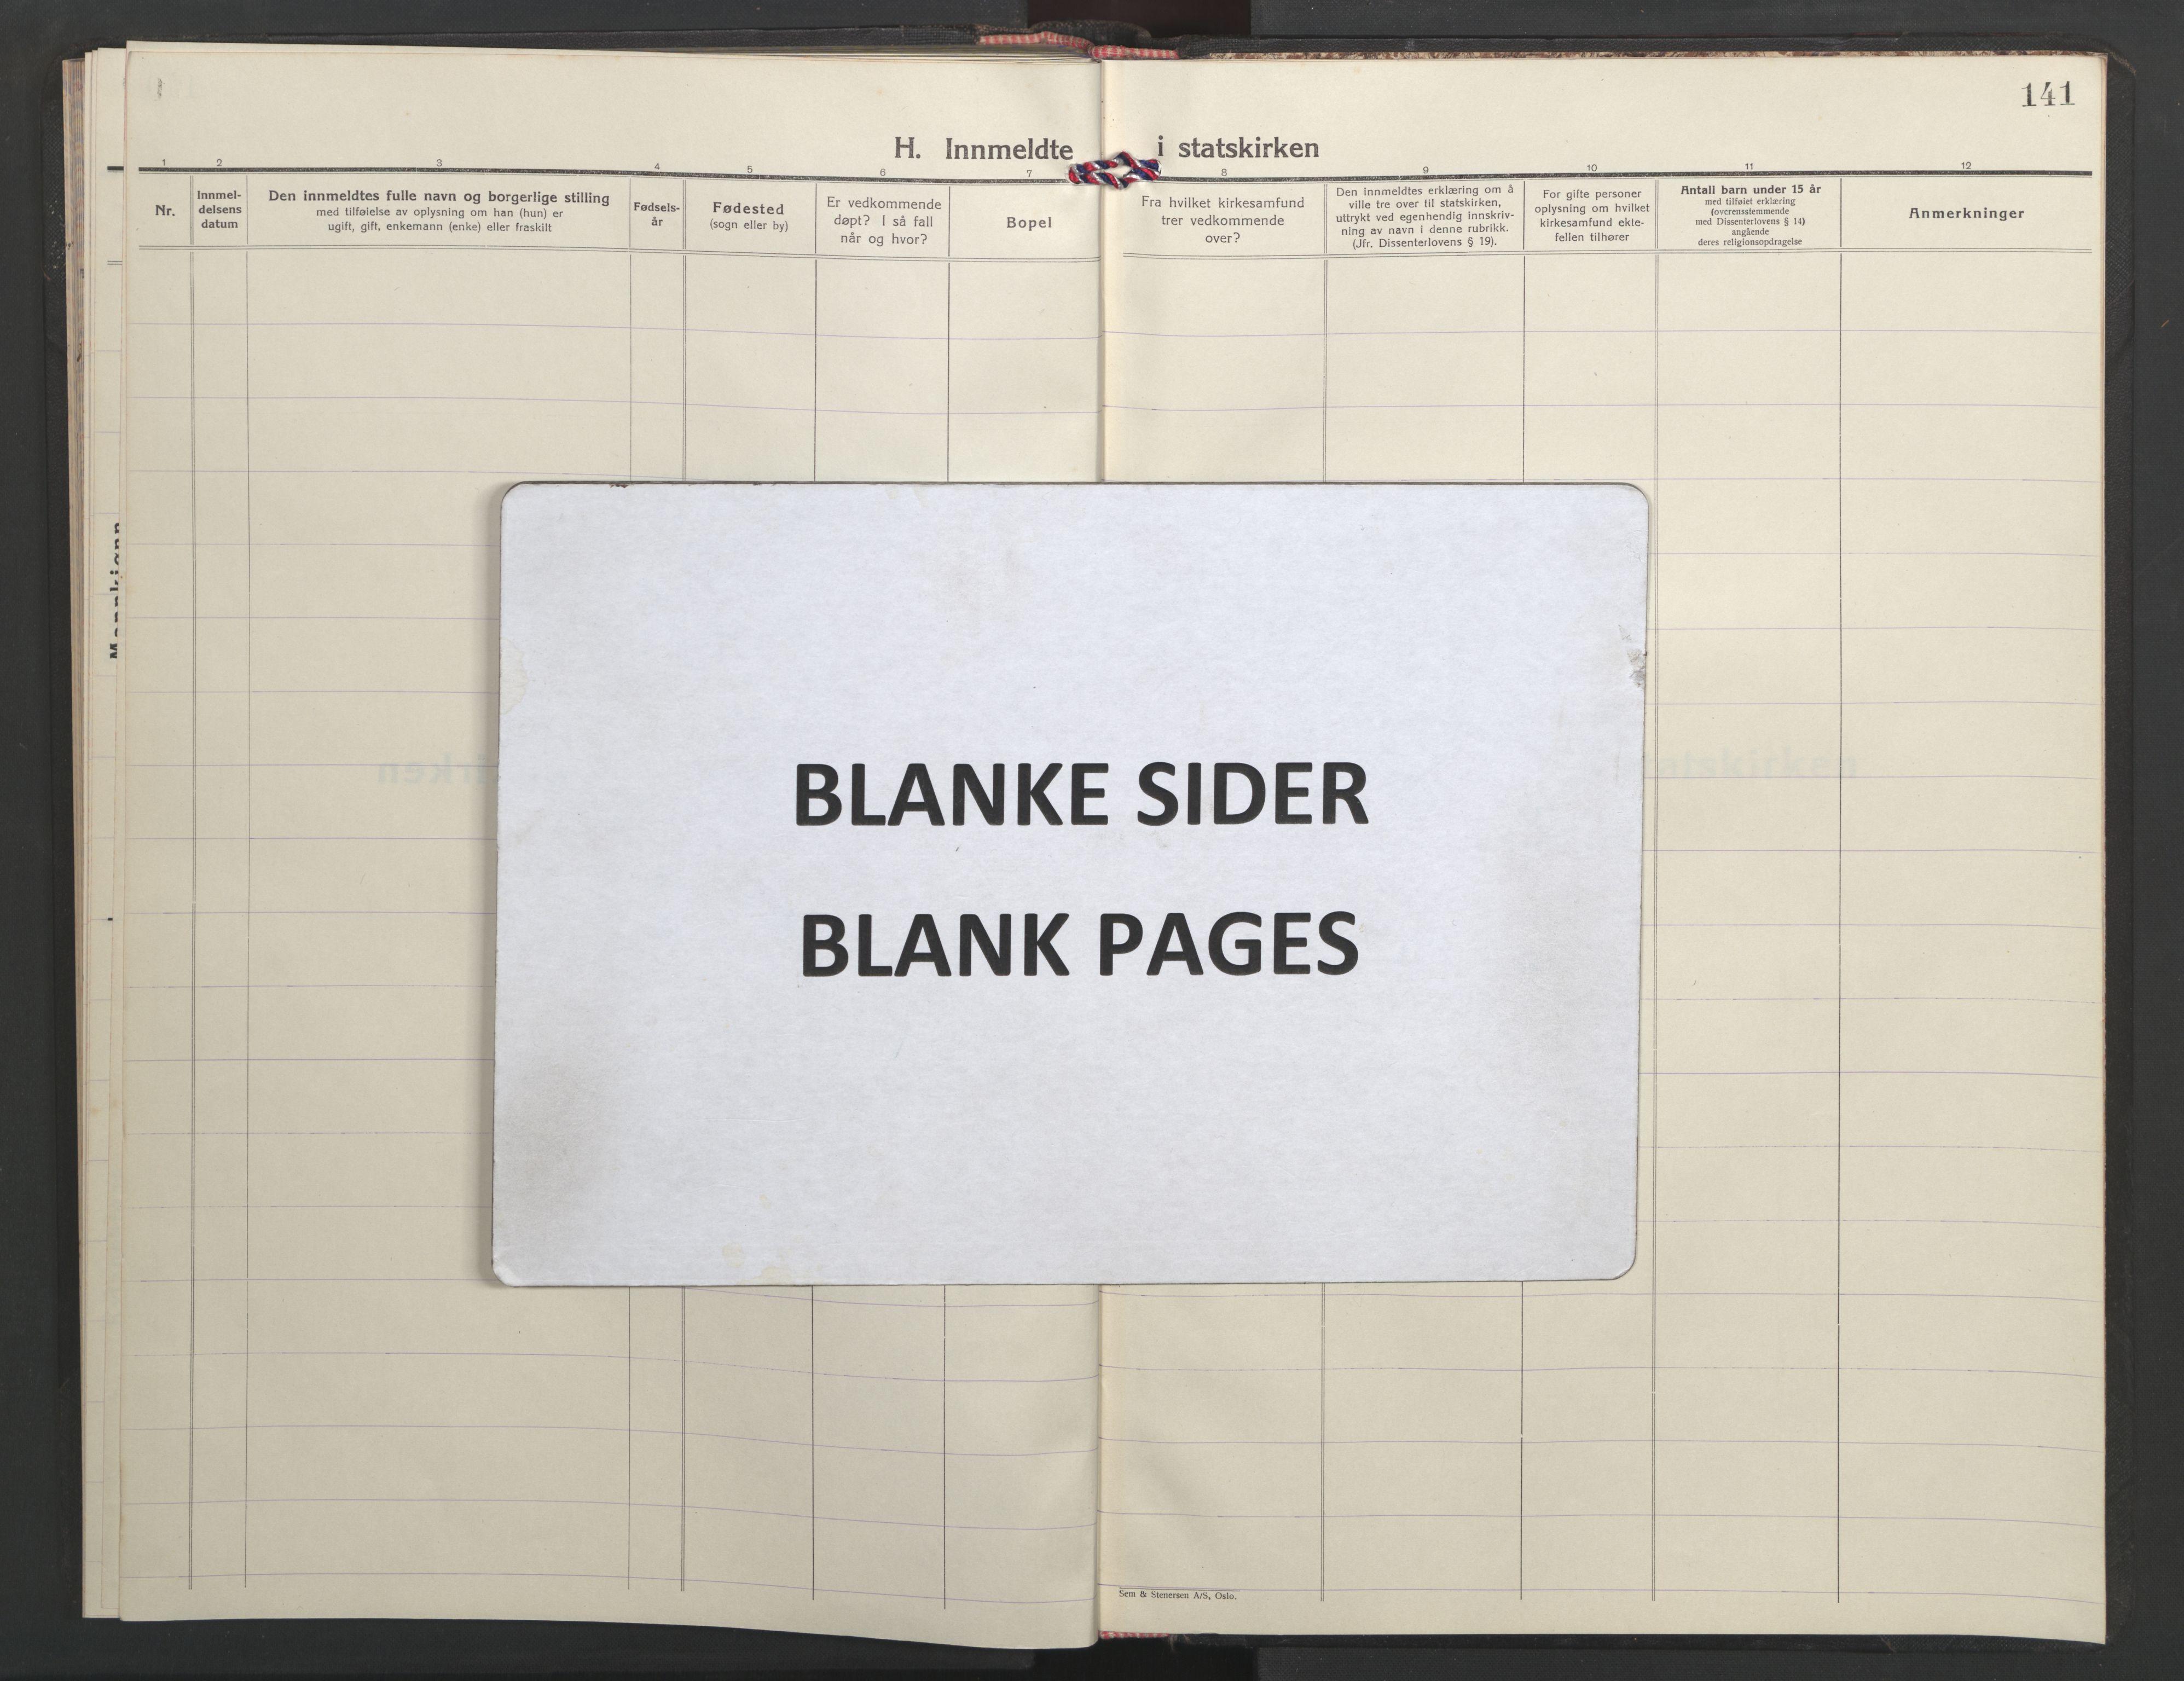 SAT, Ministerialprotokoller, klokkerbøker og fødselsregistre - Sør-Trøndelag, 635/L0556: Klokkerbok nr. 635C04, 1943-1945, s. 141